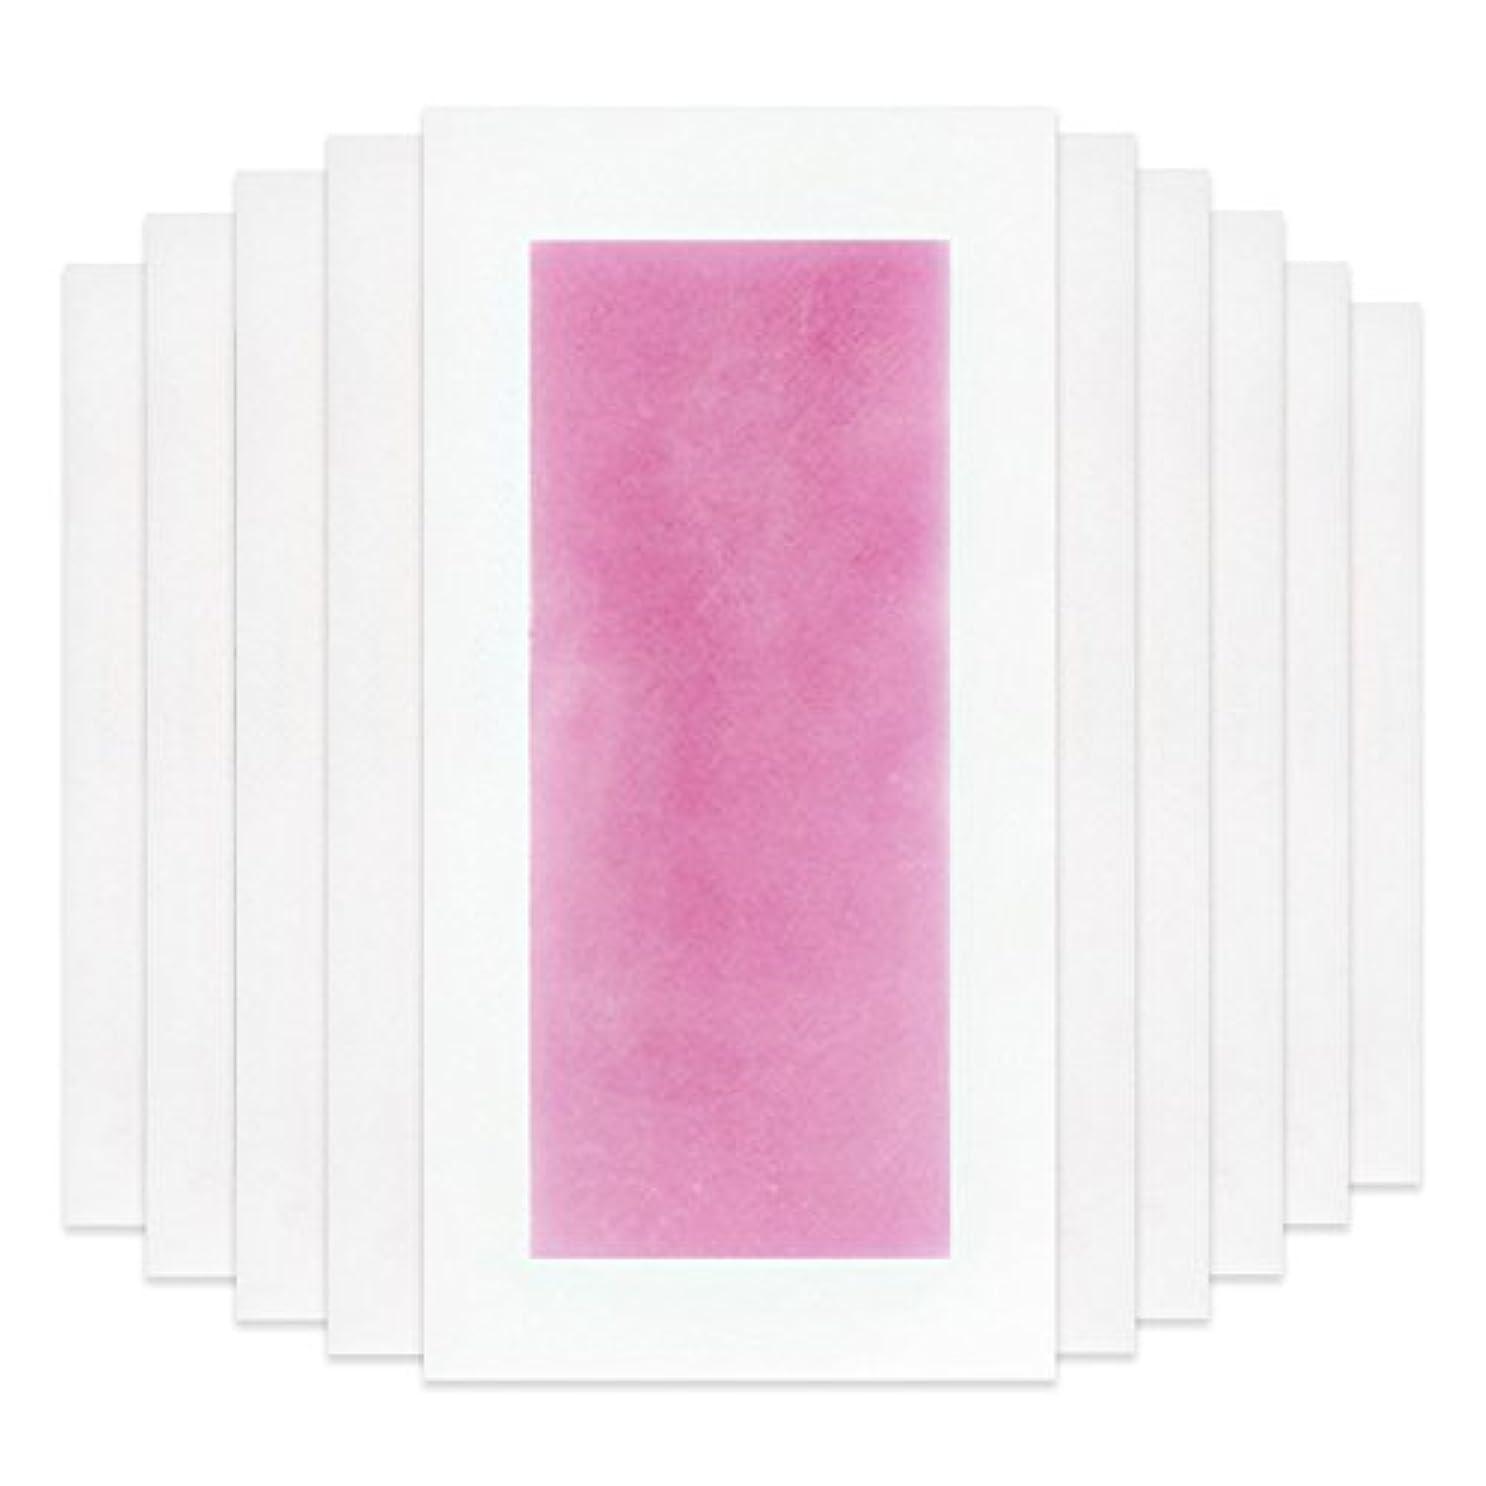 症候群探すおかしいRabugoo セクシー 脚の身体の顔のための10個のプロフェッショナルな夏の脱毛ダブルサイドコールドワックスストリップ紙 Pink